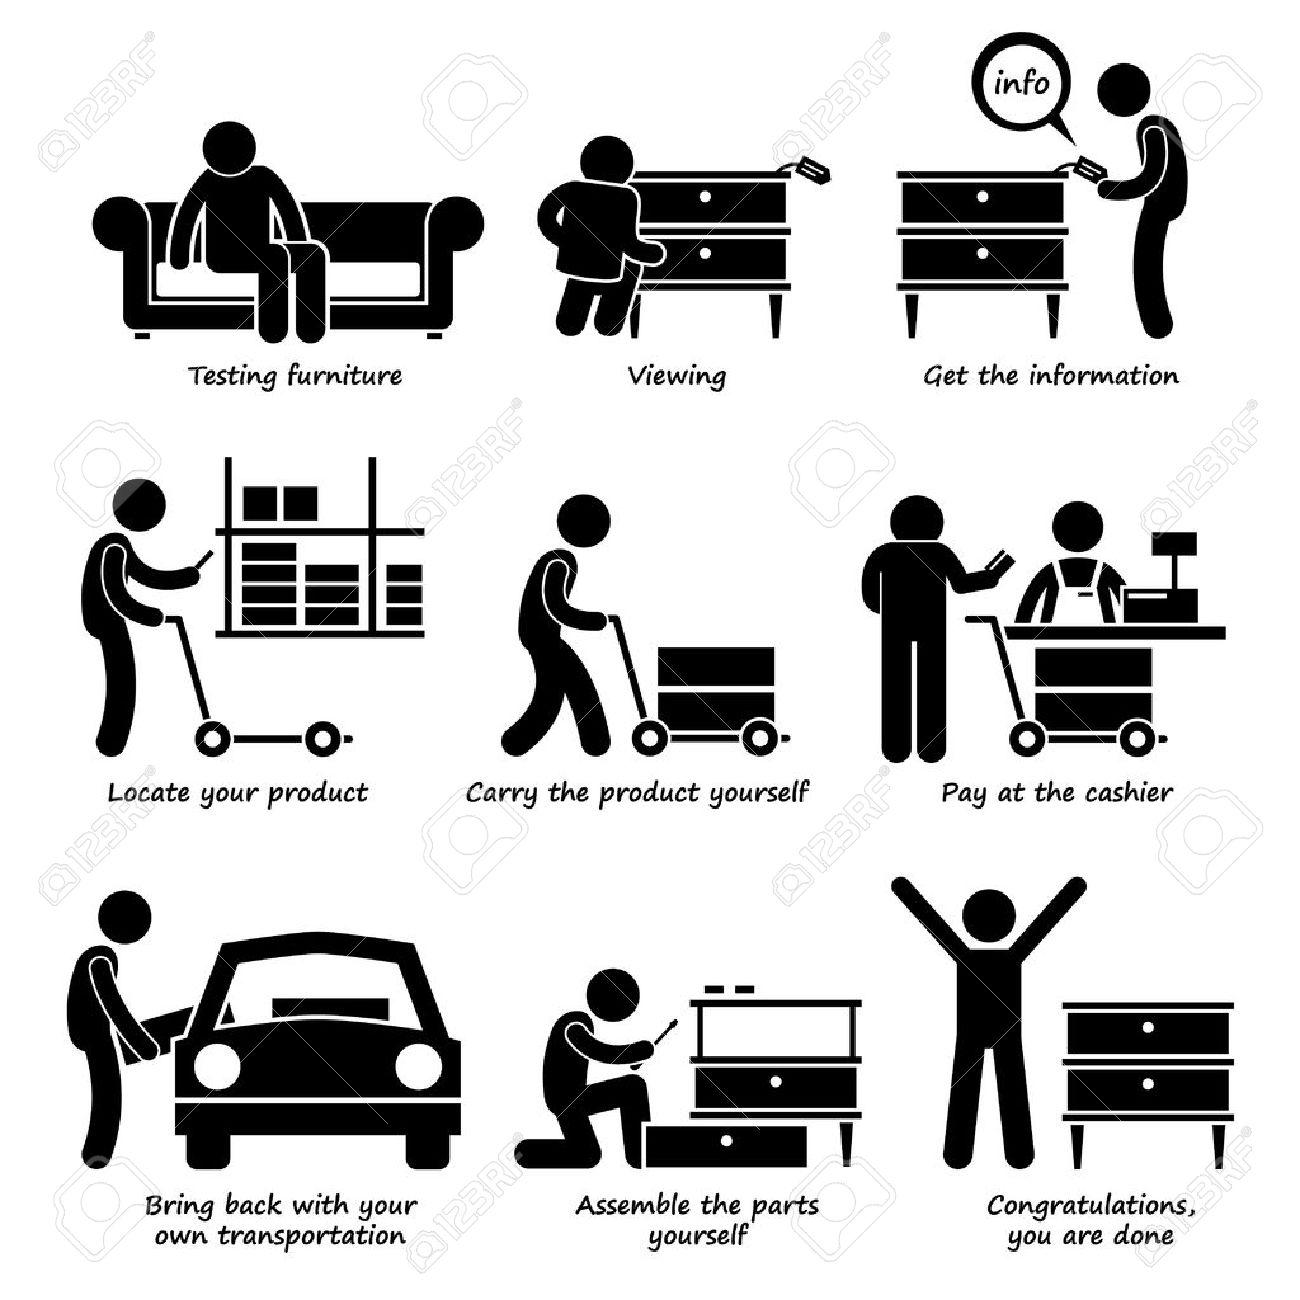 Acheter des meubles design en image Acheter des meubles